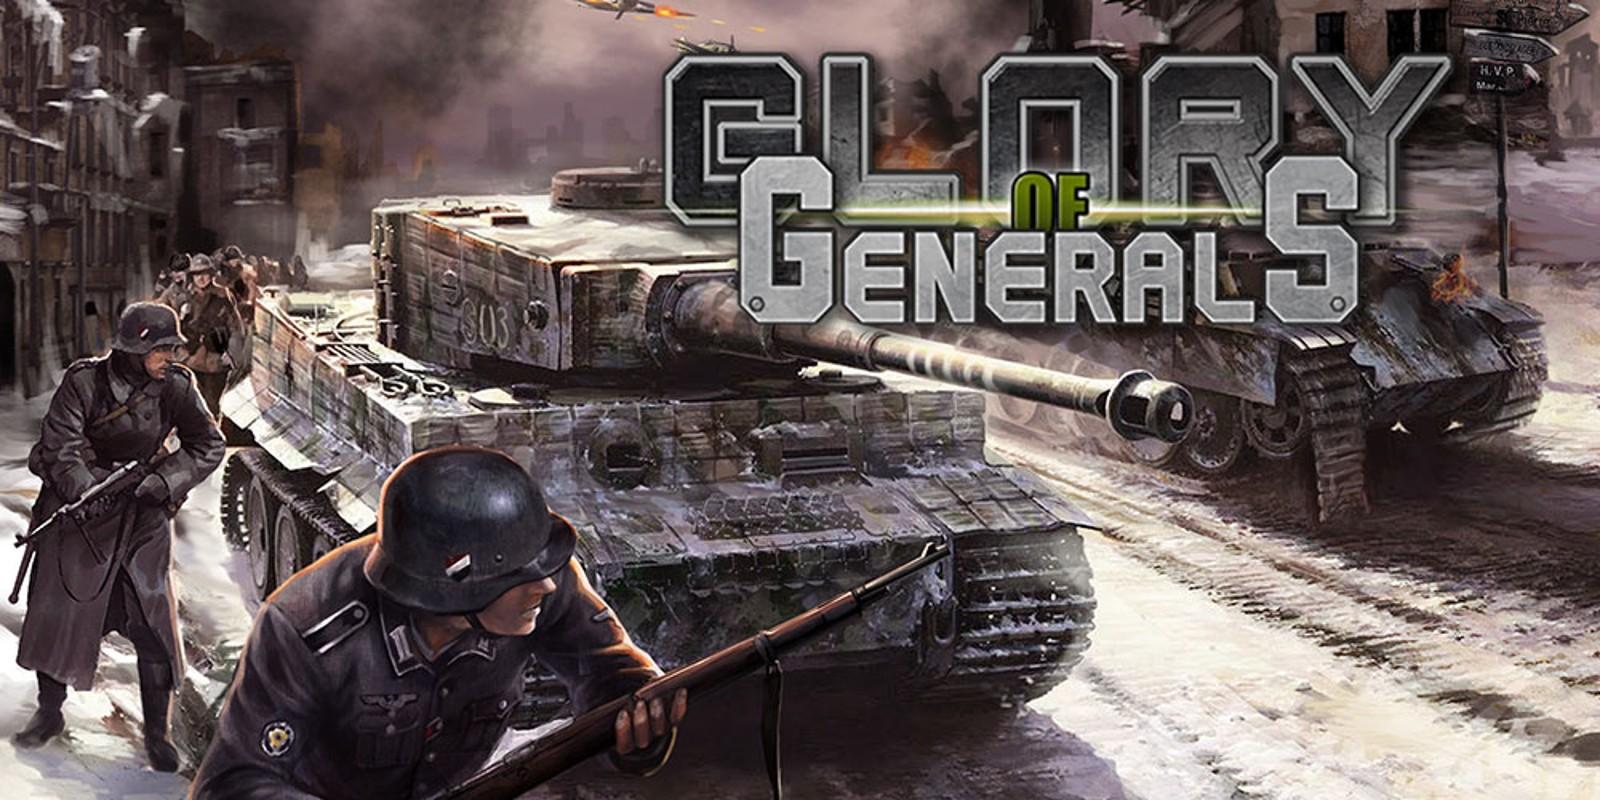 Jeux de guerre pour PC version complète gratuite Download ... XePlayer est un meilleur et gratuit Emulator Android pour PC qui permet à tous les jeux et ...